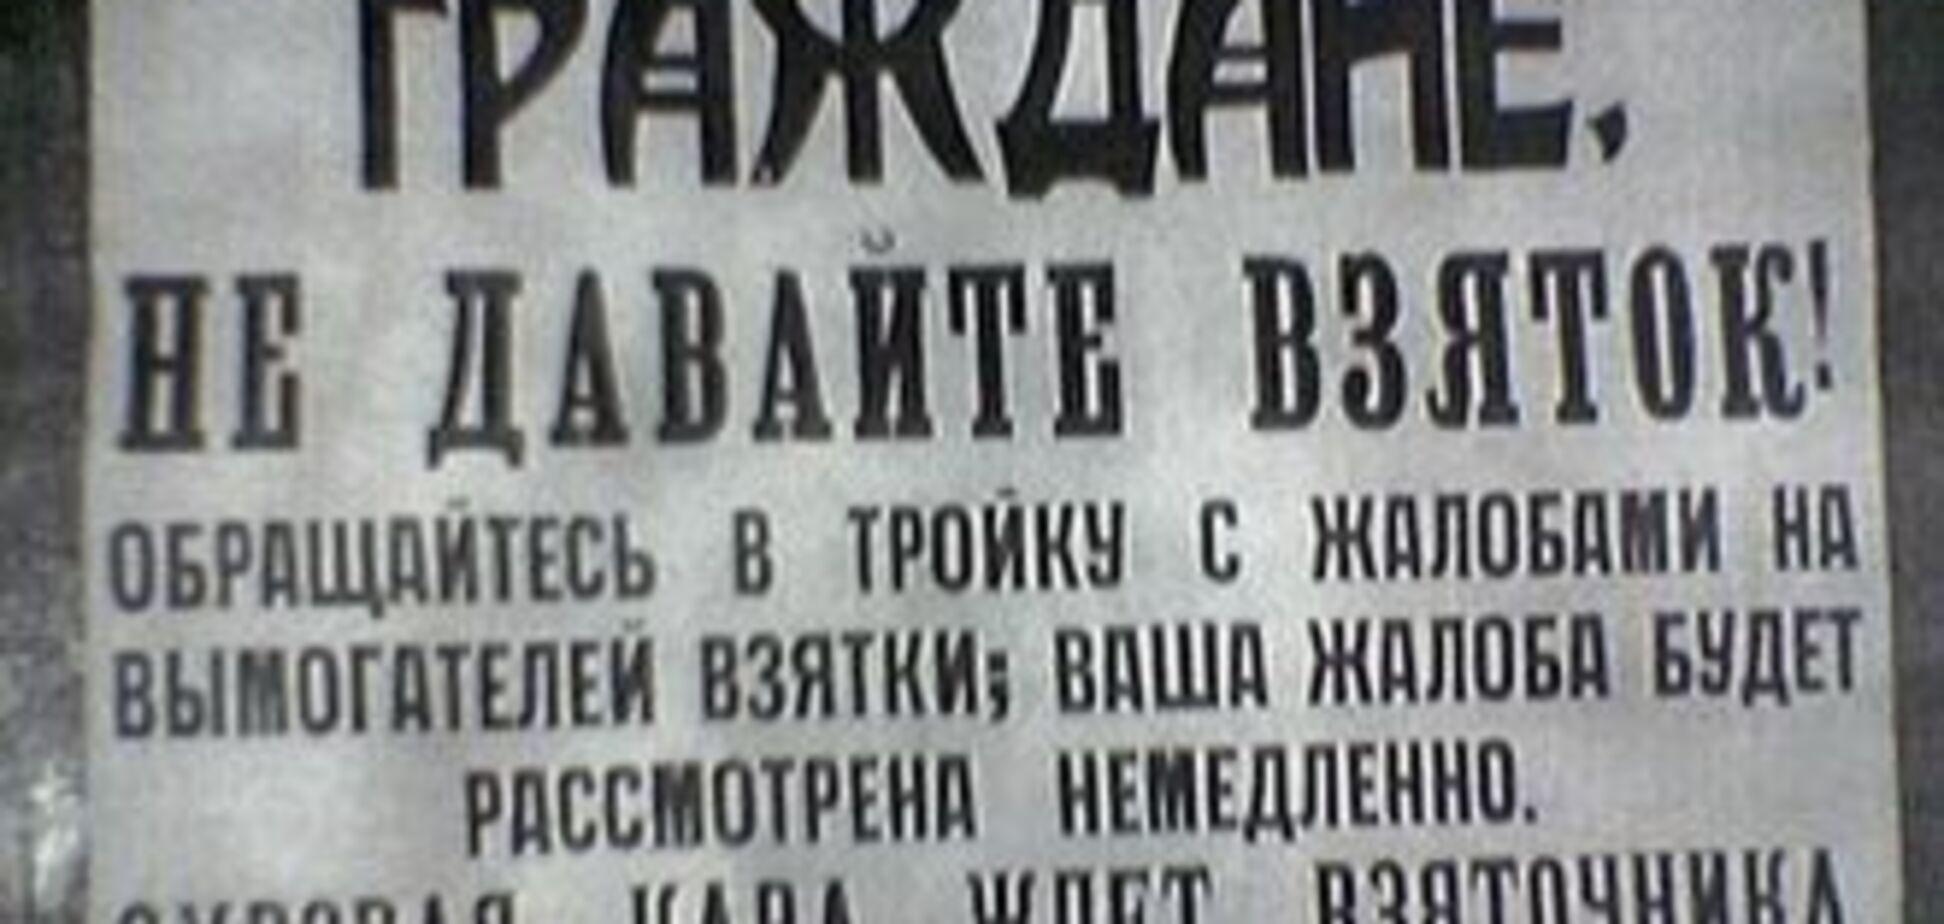 Хабарниця торгувала медичними довідками по 80 грн